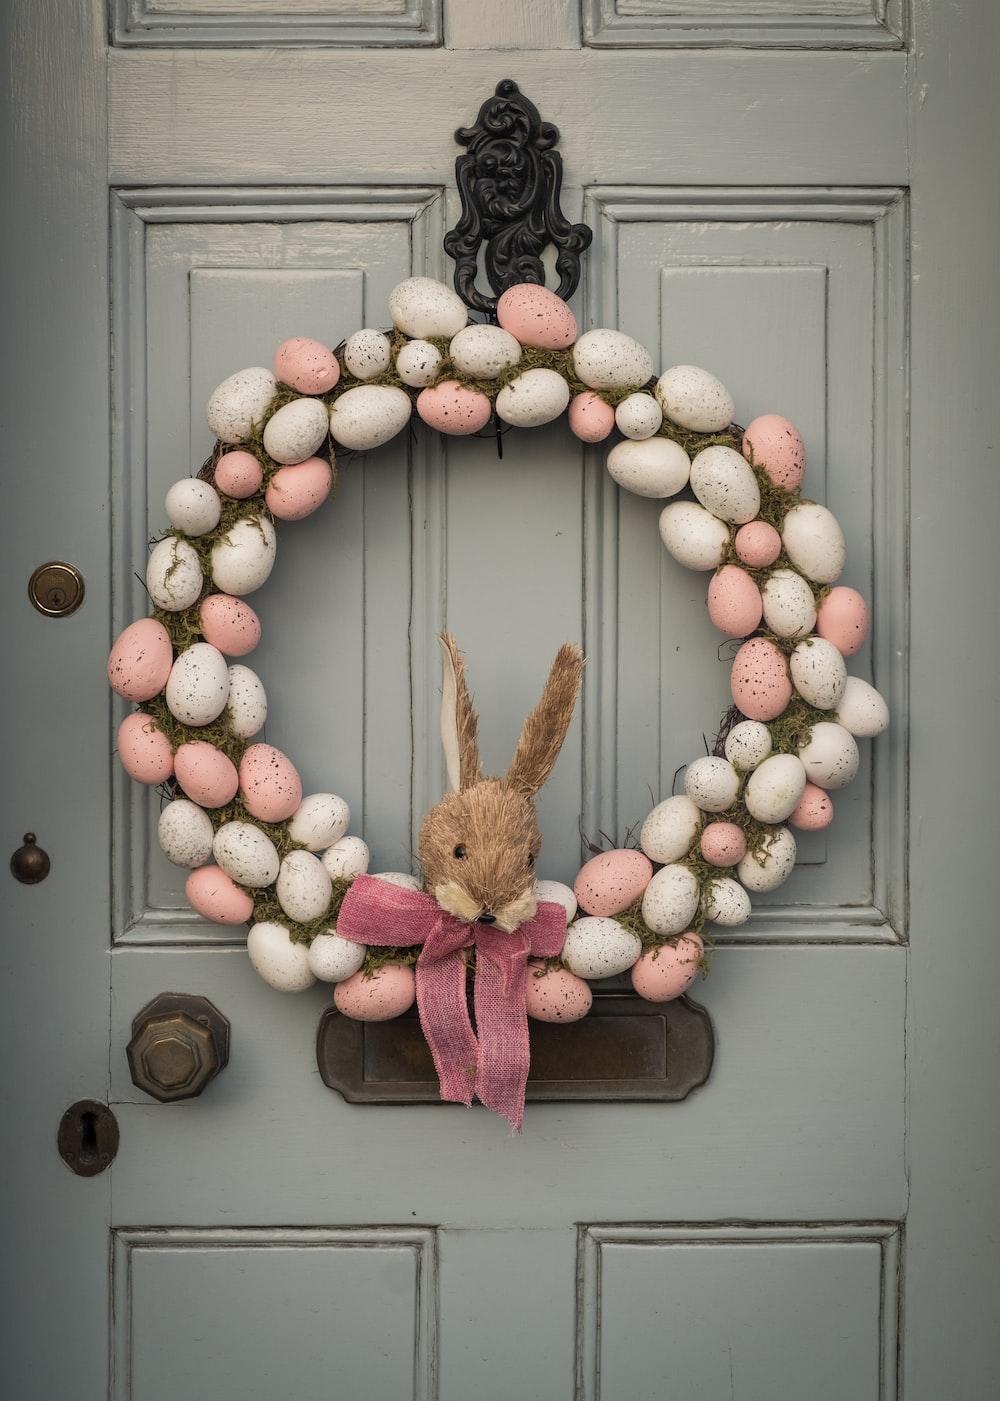 brown rabbit plush toy on gray wooden door